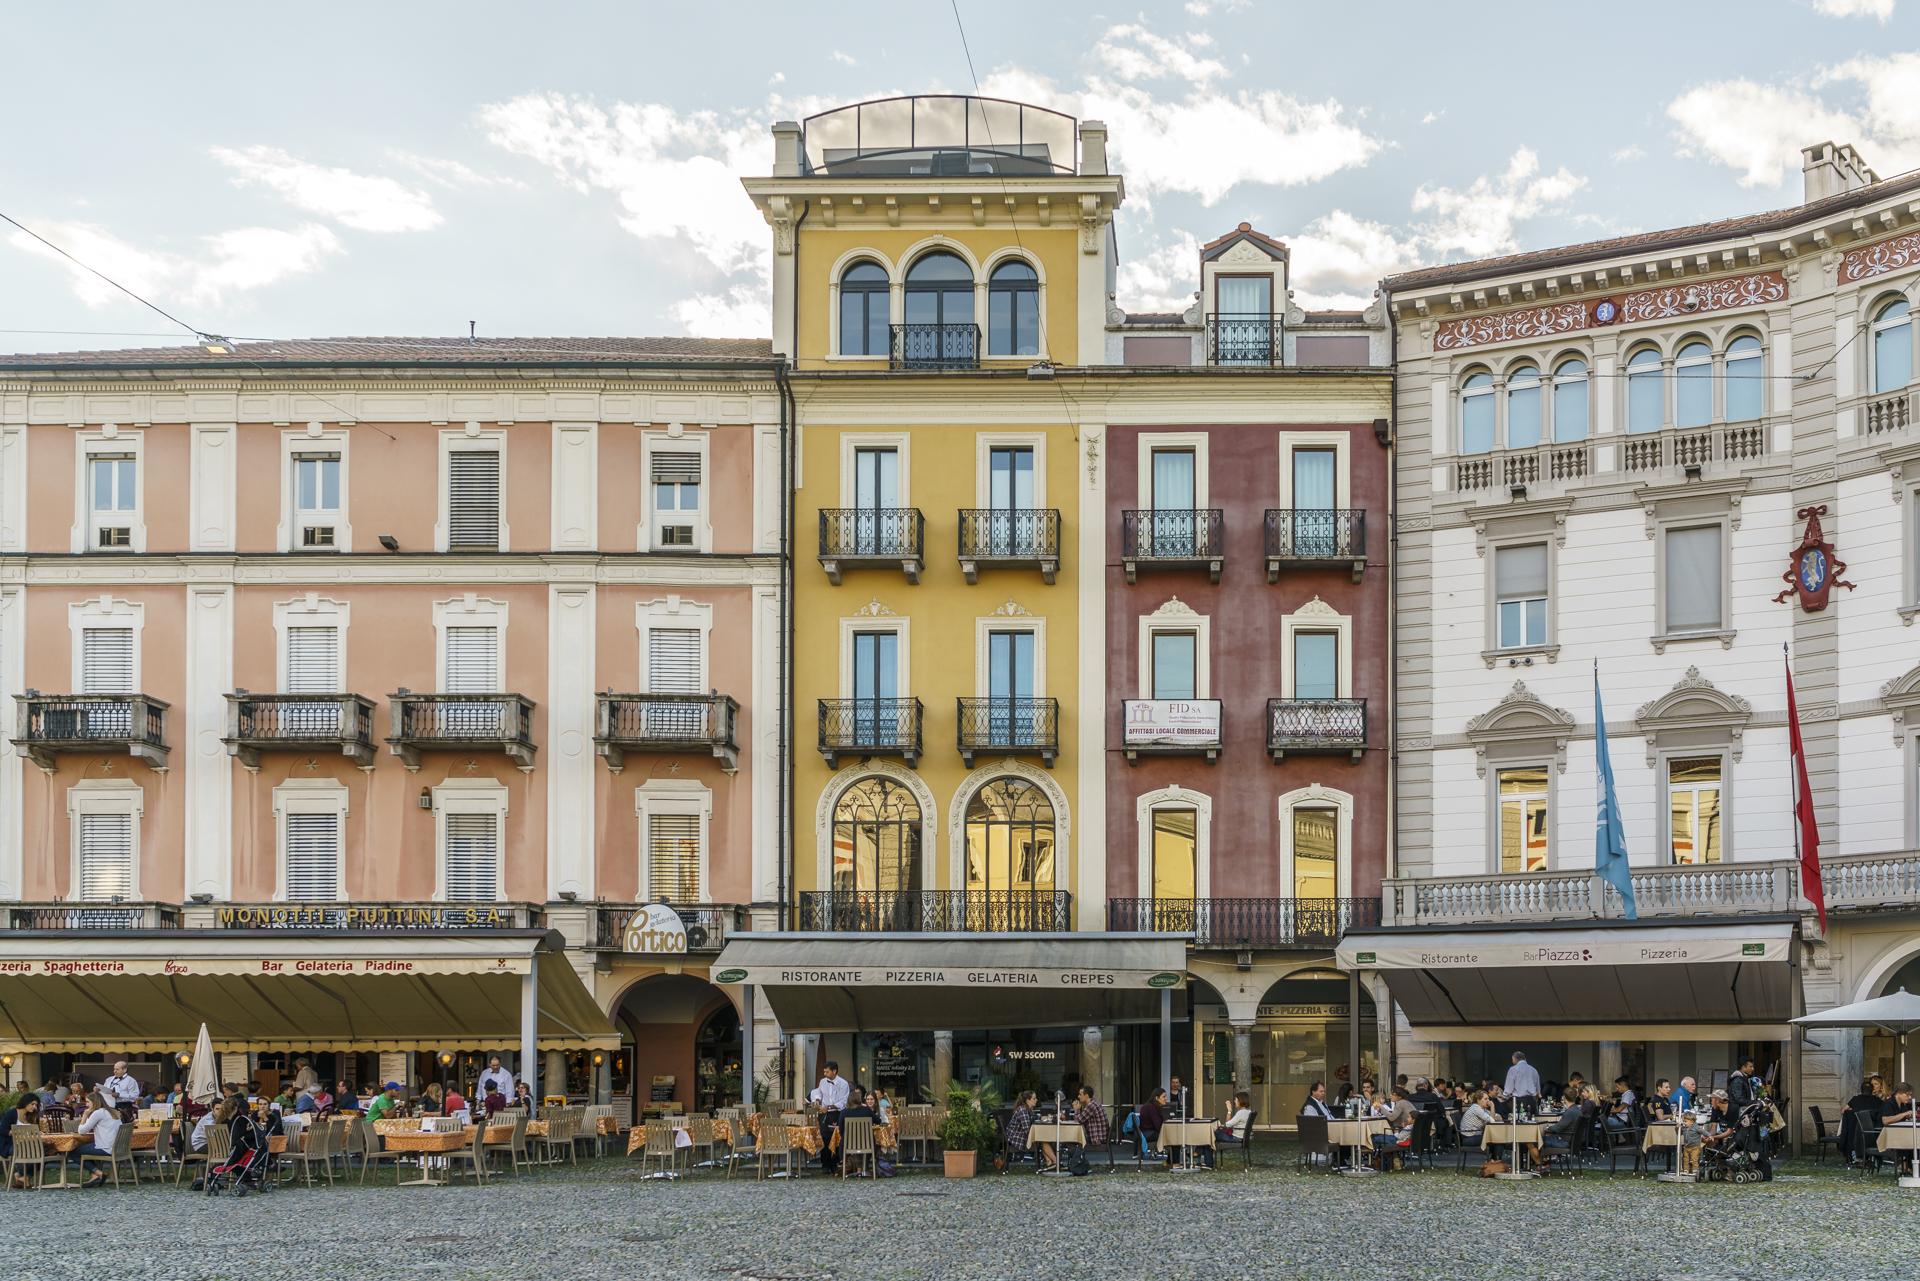 Piazza-Locarno